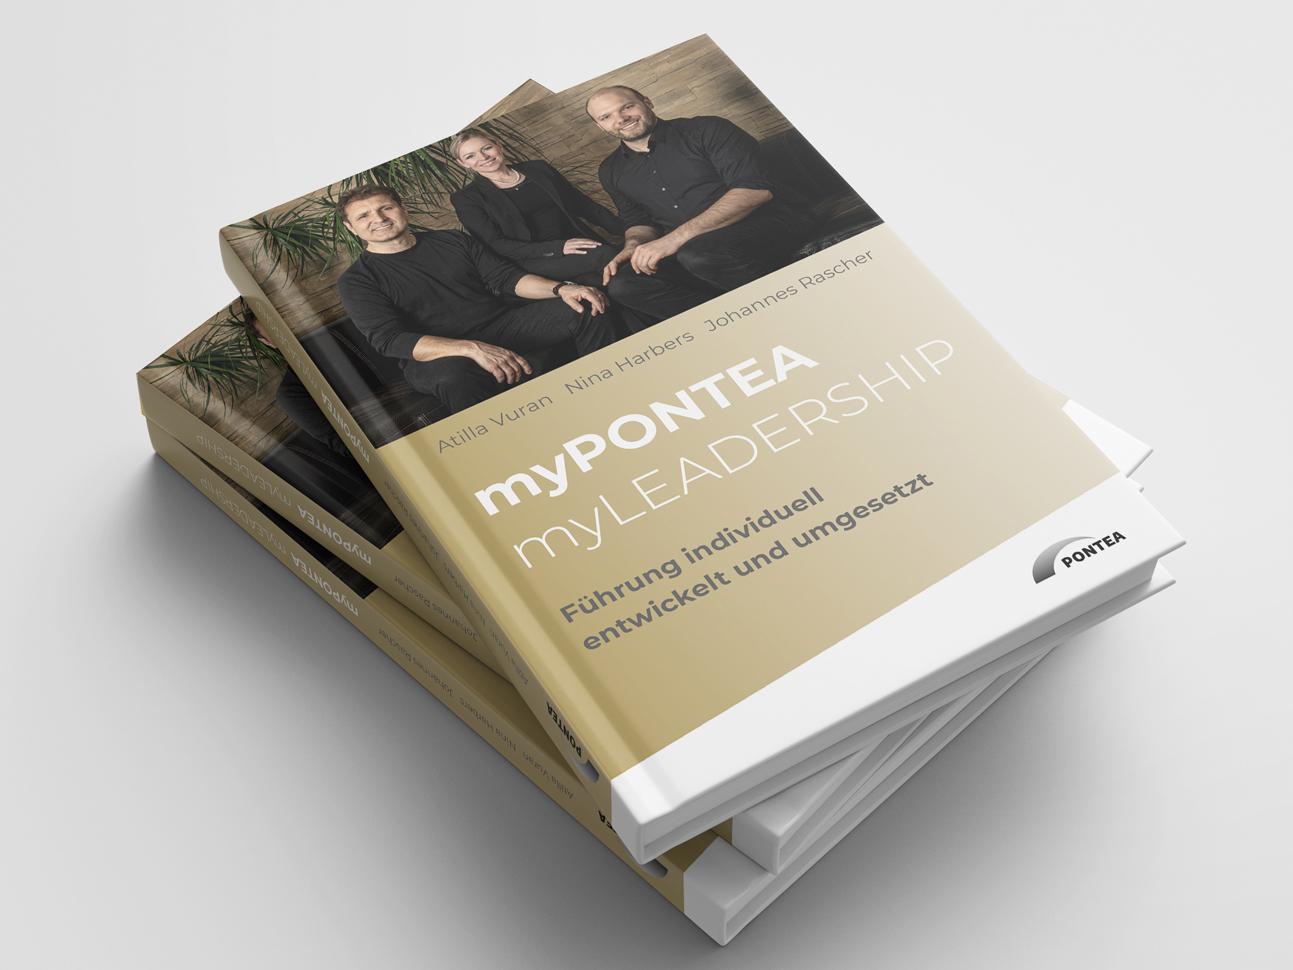 martin zech design, buchgestaltung, atilla vuran, mypontea, cover 2